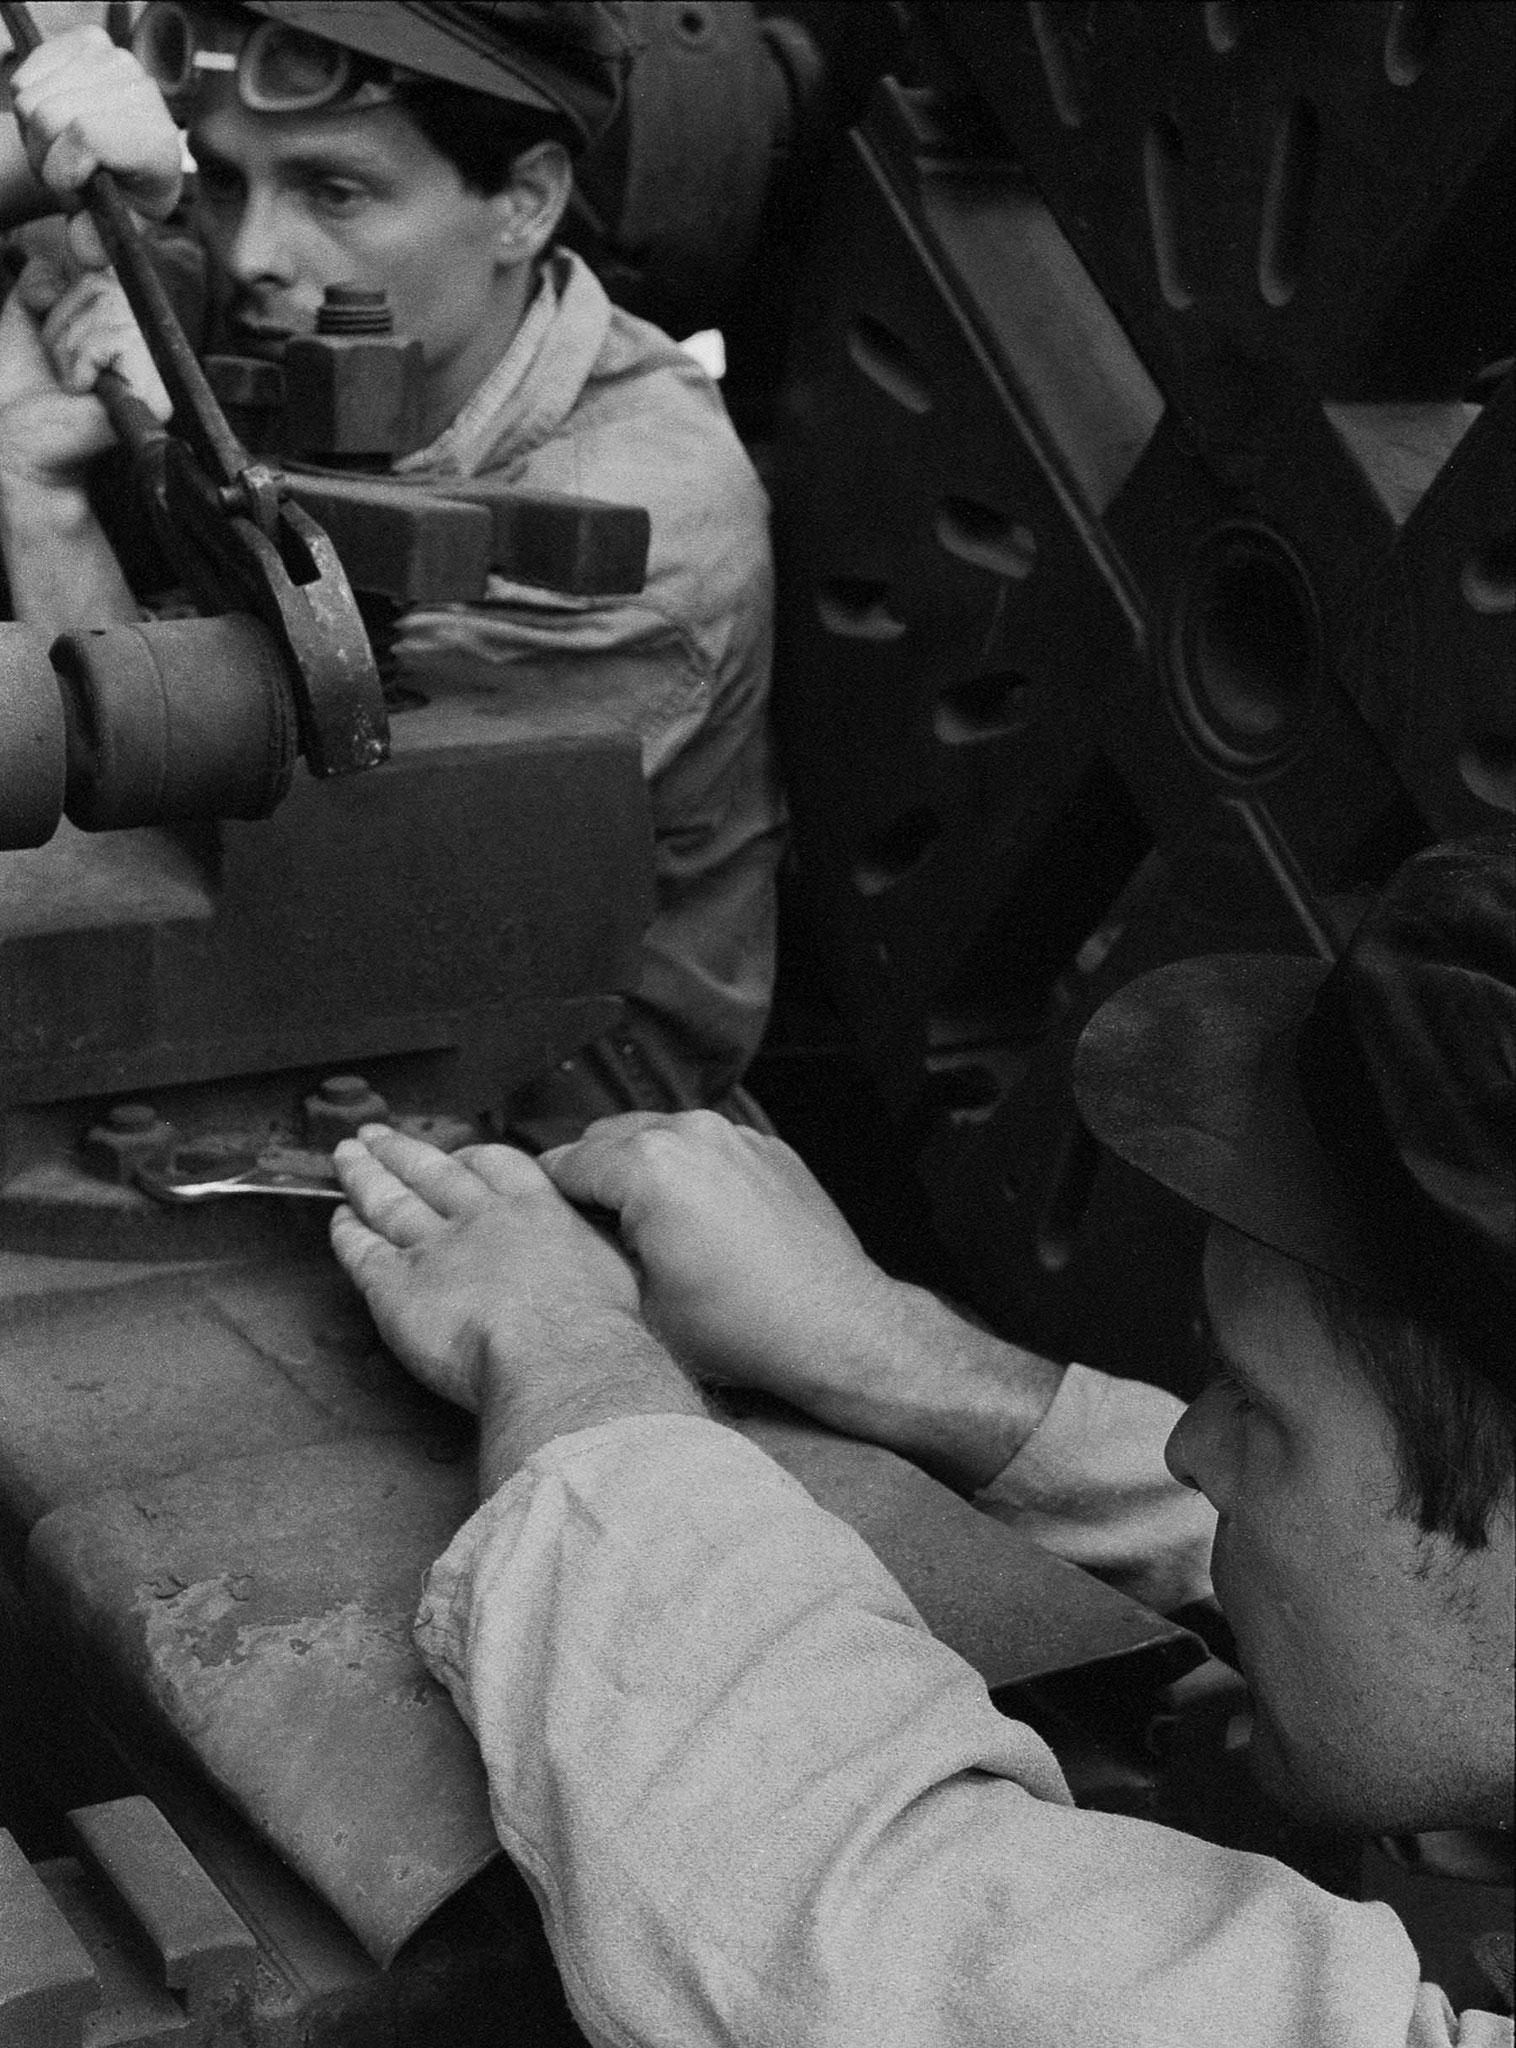 Matthias Leupold - Fleißige Hände bei Erfüllung der Wirtschaftspläne die Basis unserer volkseigenen Industrie Serie: Fahnenappell 1988 40 x 30 cm